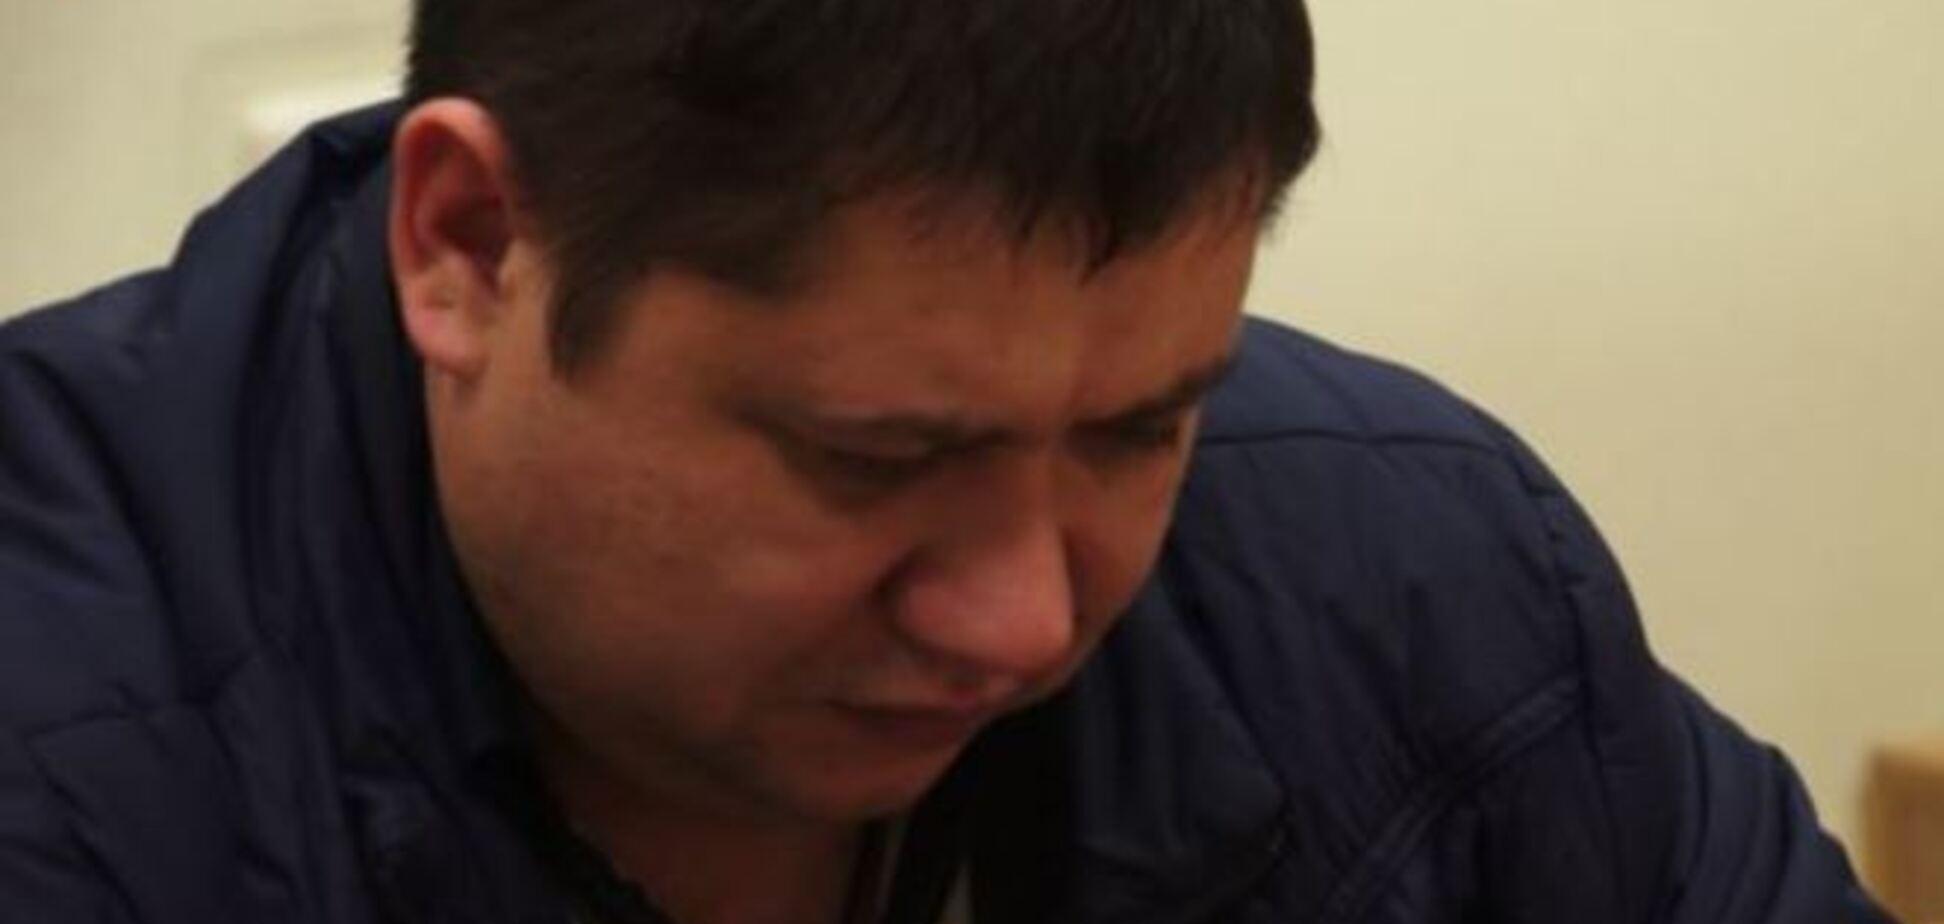 Подозреваемый в похищении помощника митрополита Владимира 'грифоновец' вернулся на работу